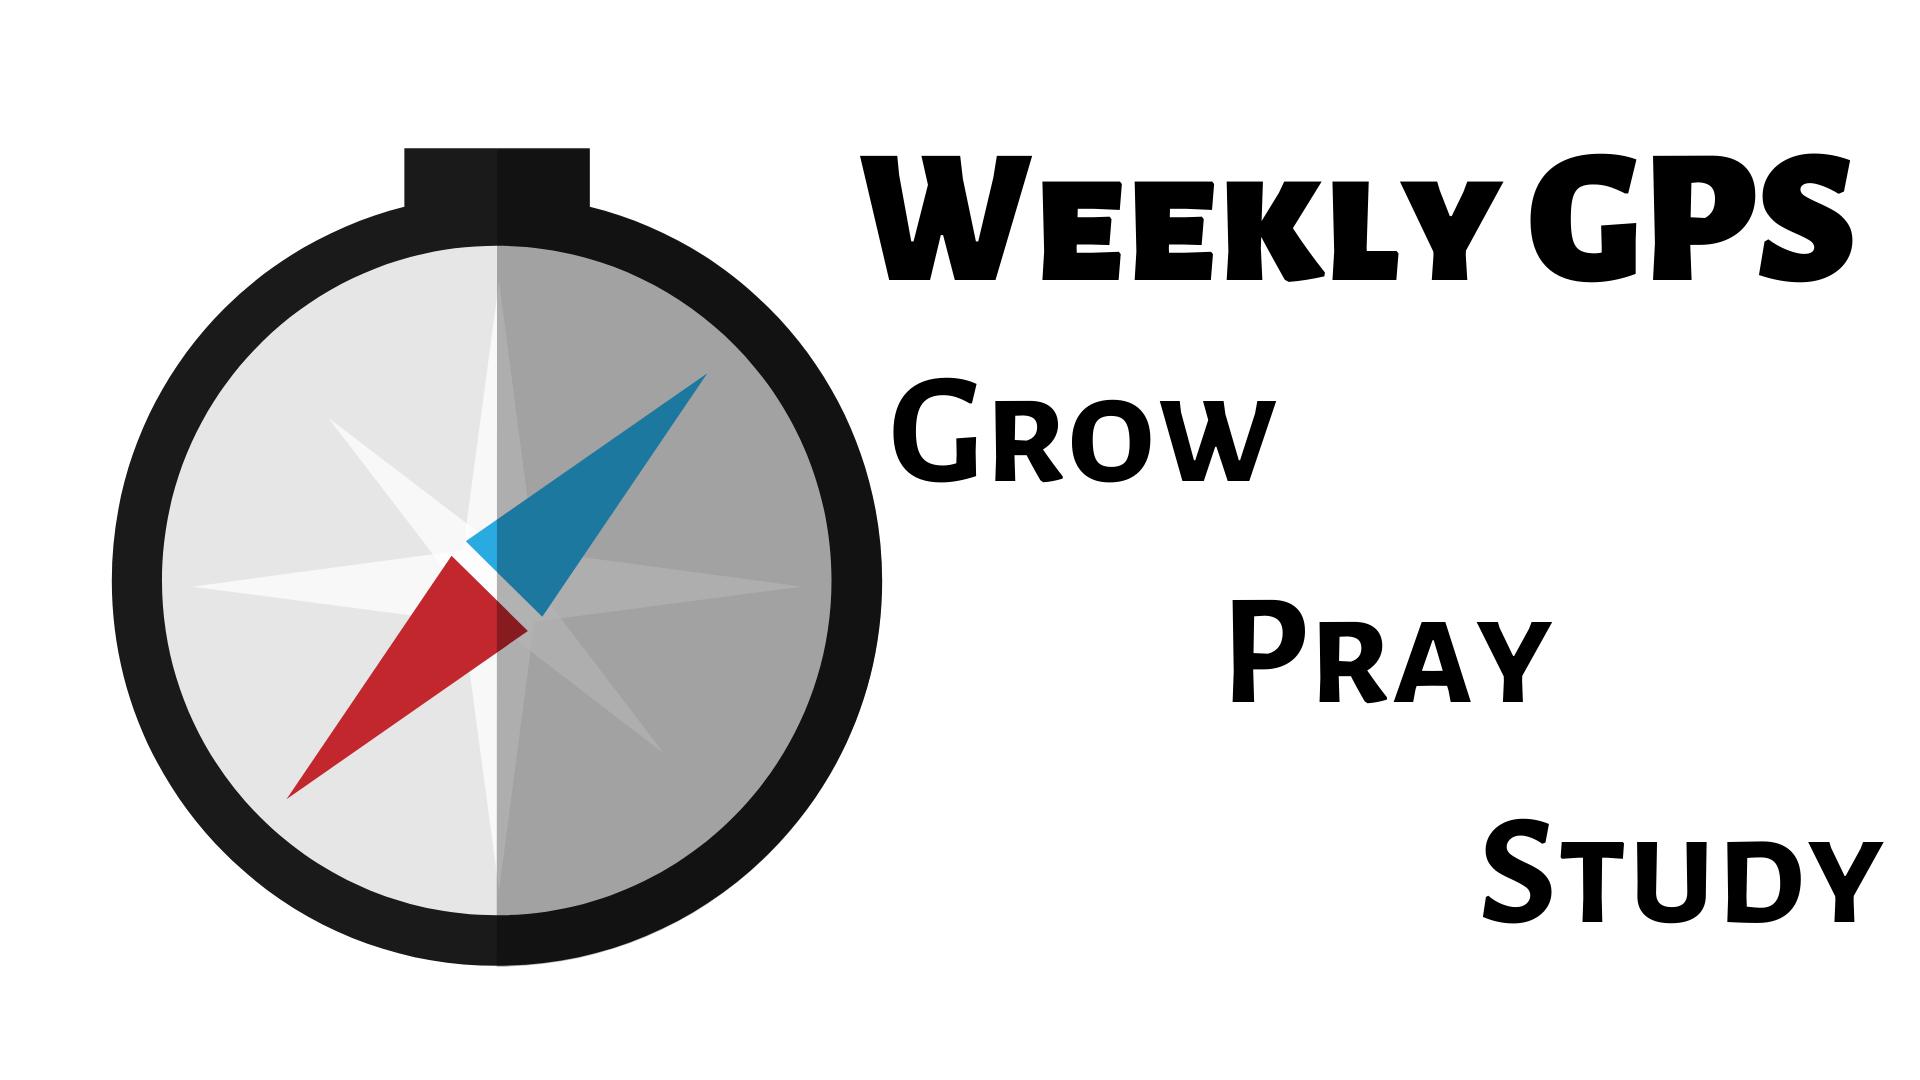 GPS downloadable each week